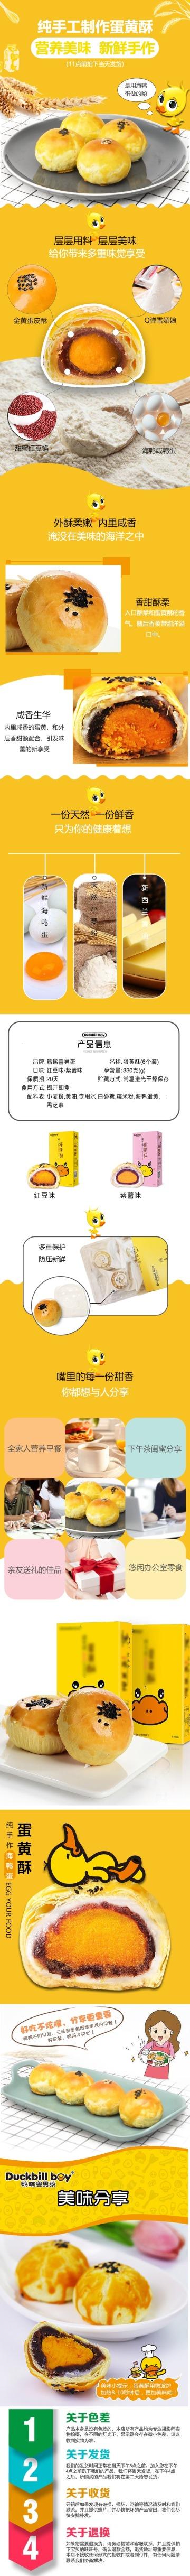 黄色清新简约面包点心蛋黄酥电商宣传营销宝贝详情